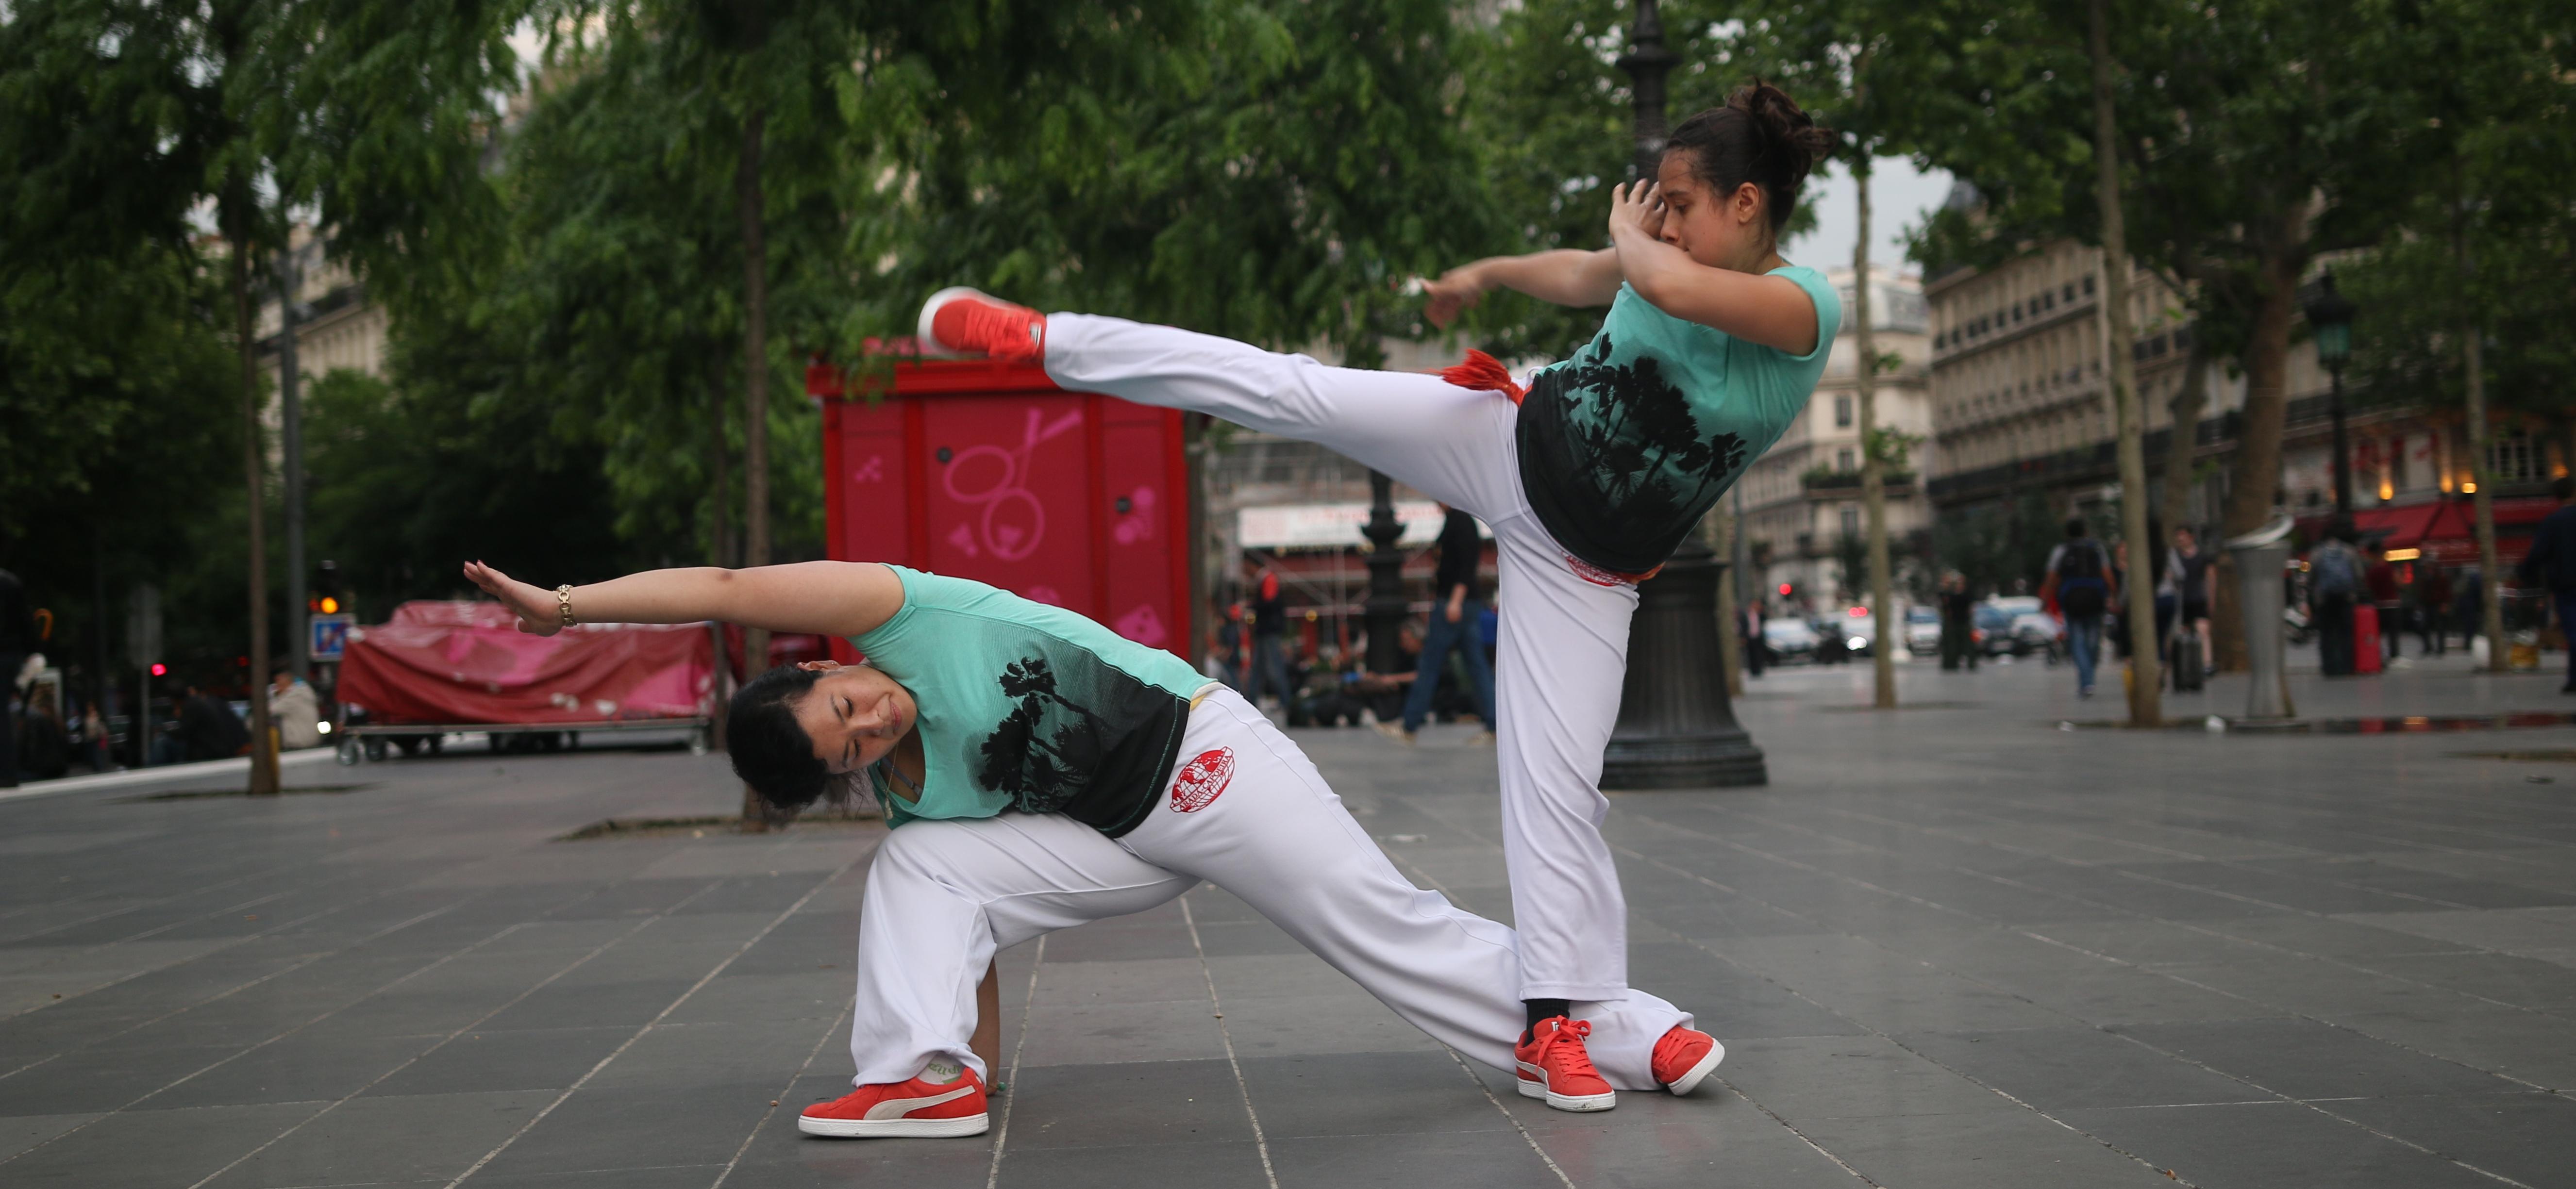 capoeira-paris-dedinha-martelo